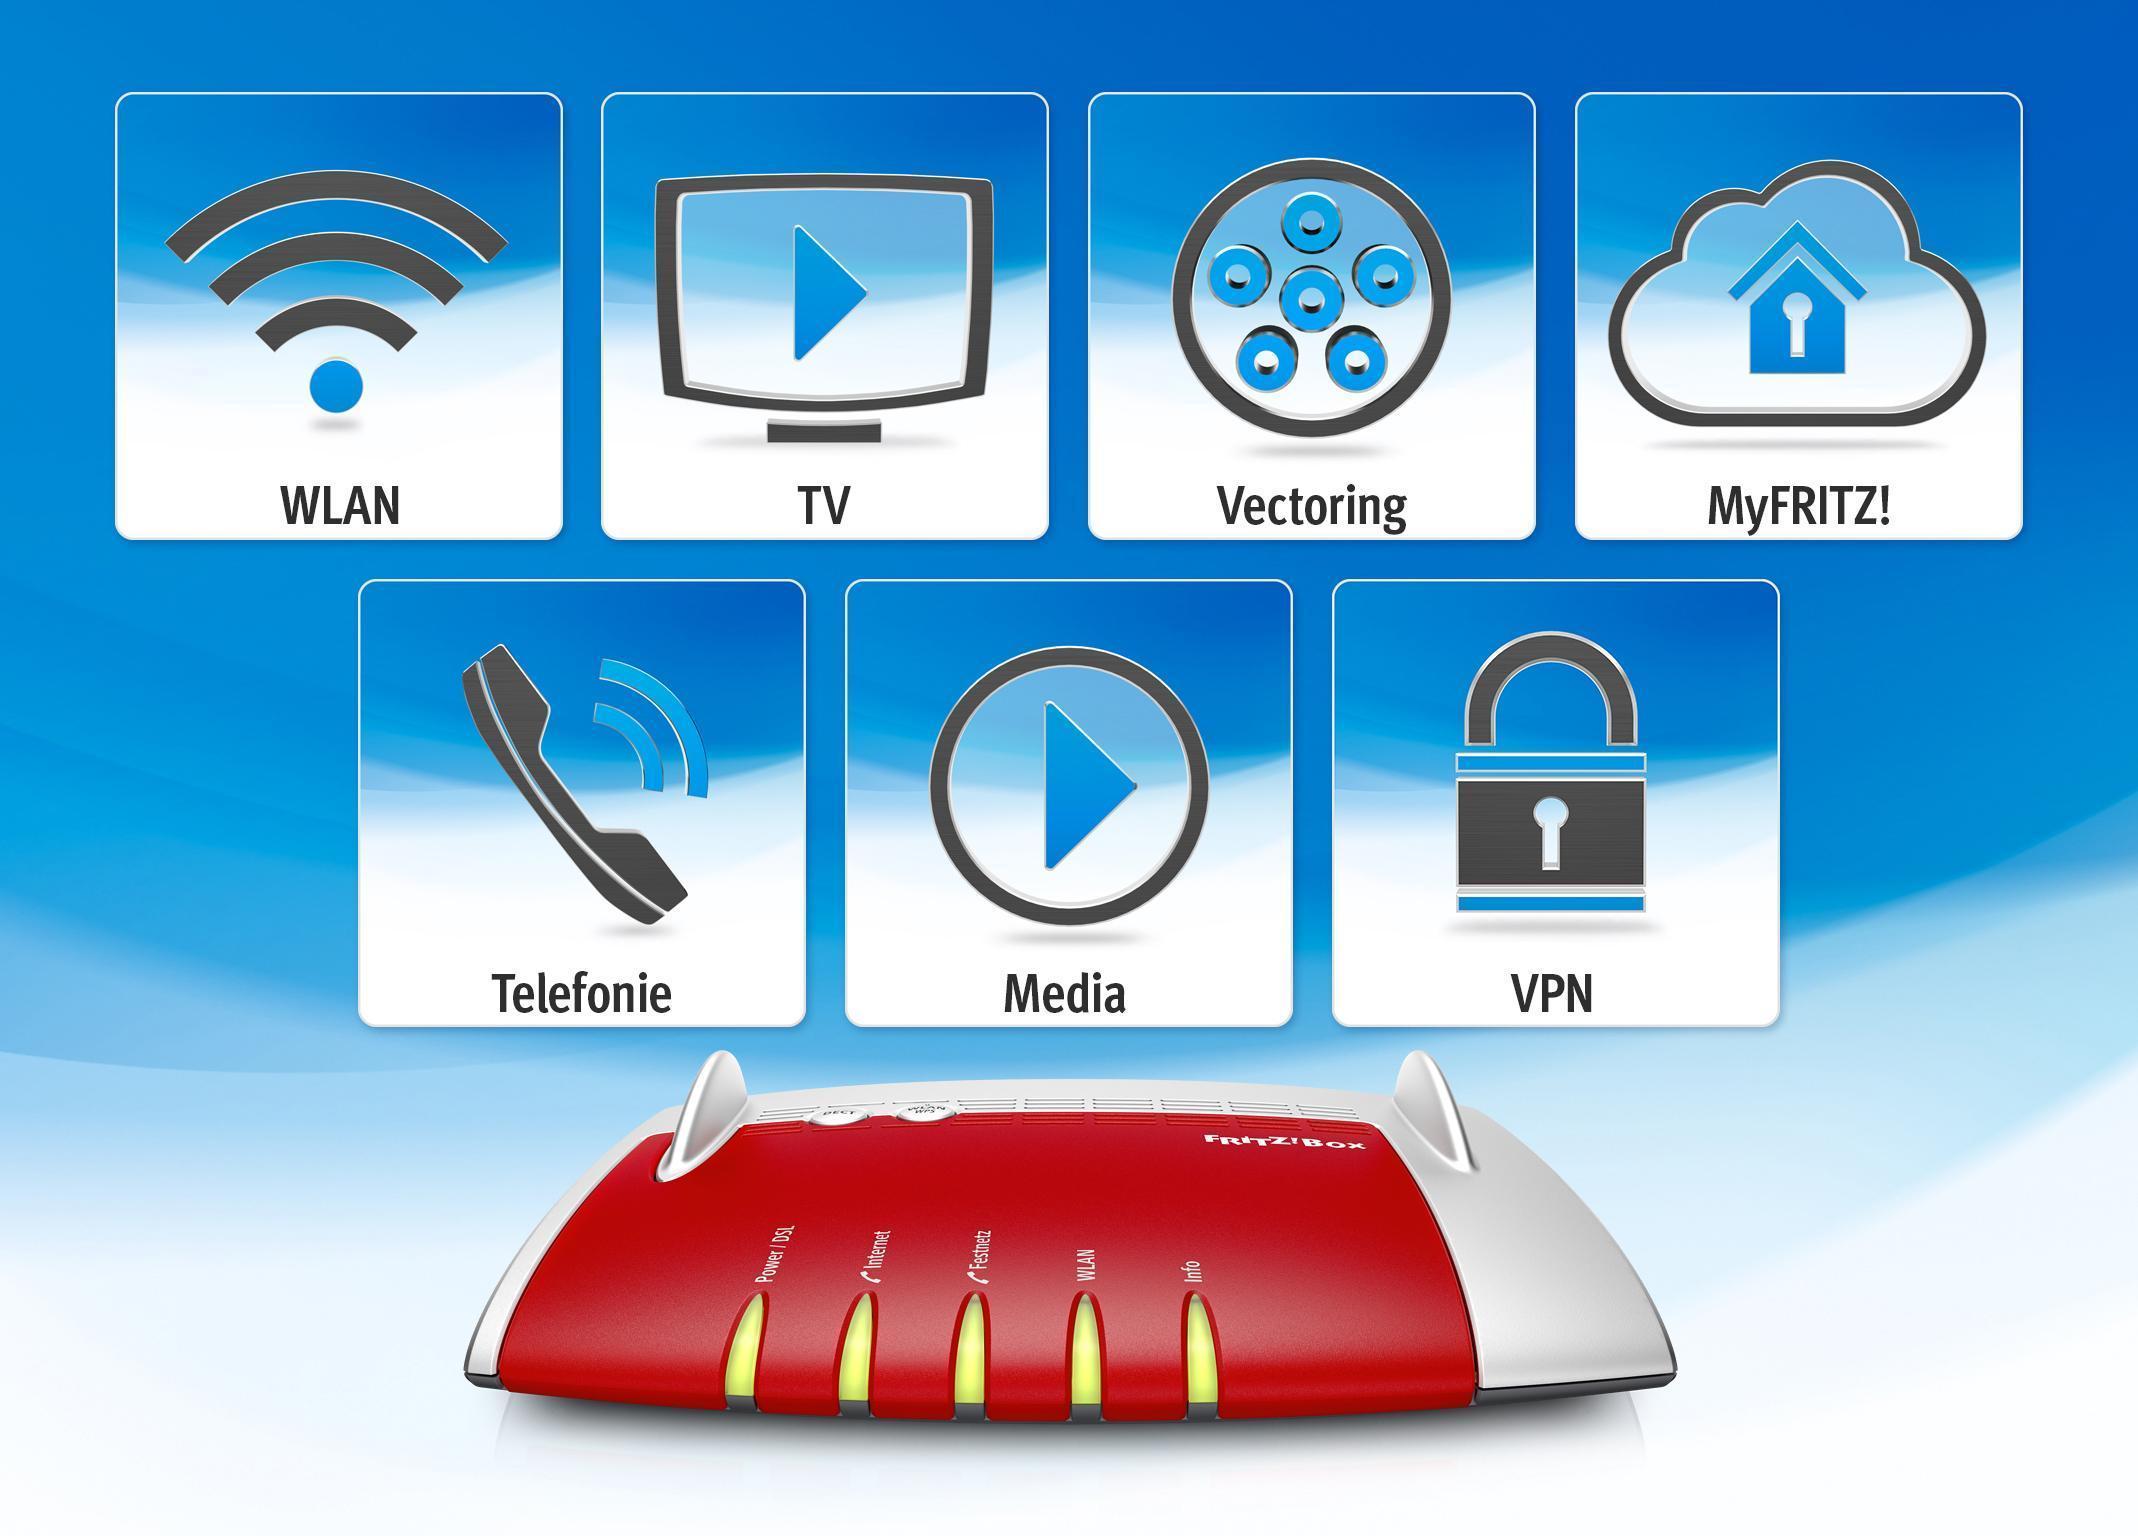 AVM FRITZ!Box 7490 International - Modem Router WiFi AC